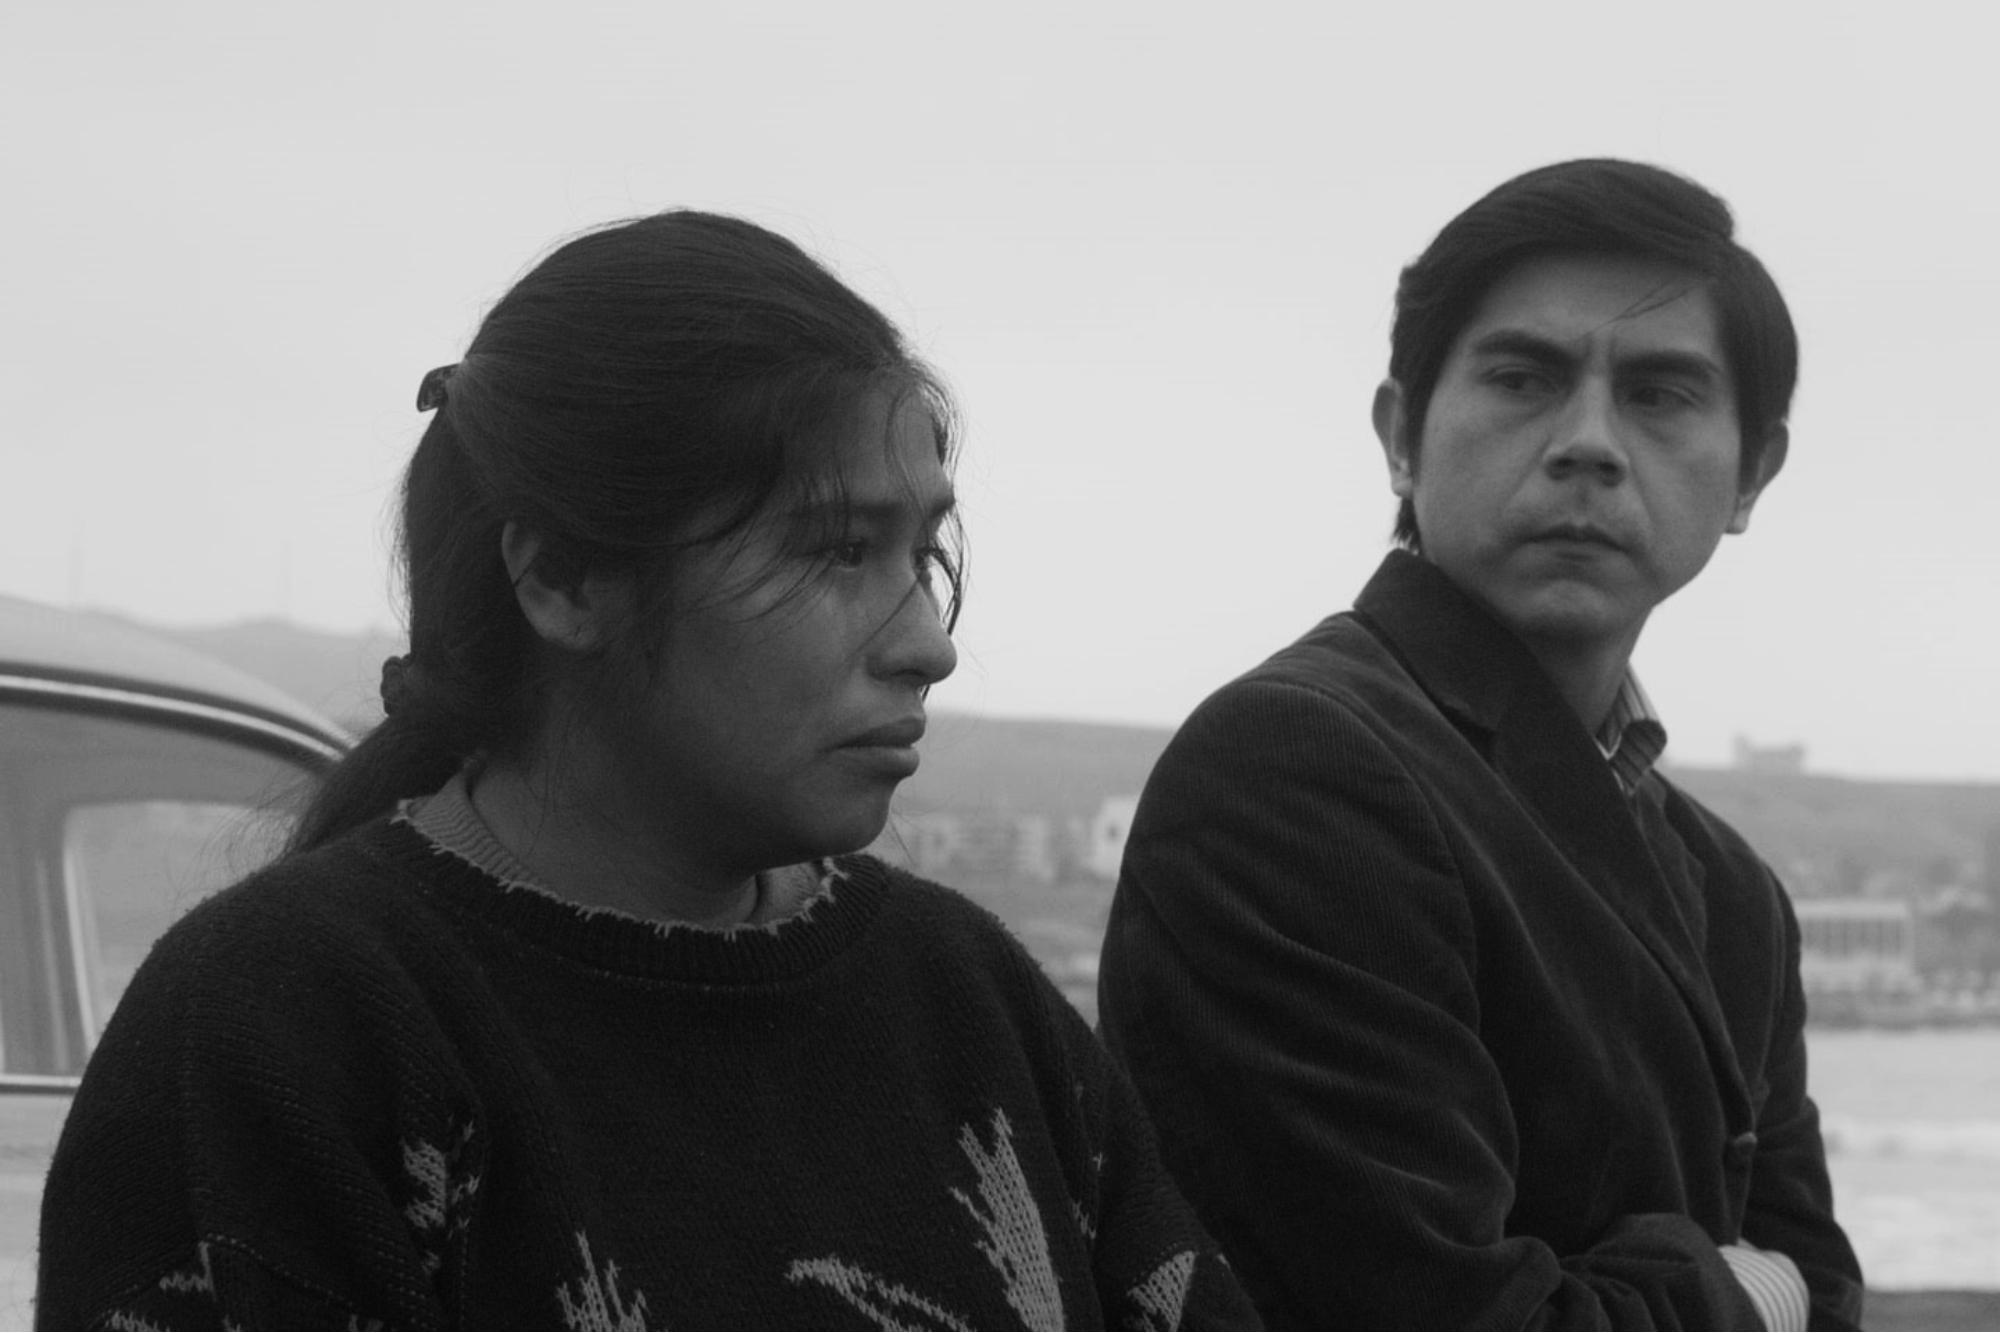 """Inti Briones, productor del film """"Canción sin nombre"""": """"La violencia es la manifestación de dolores no resueltos"""""""